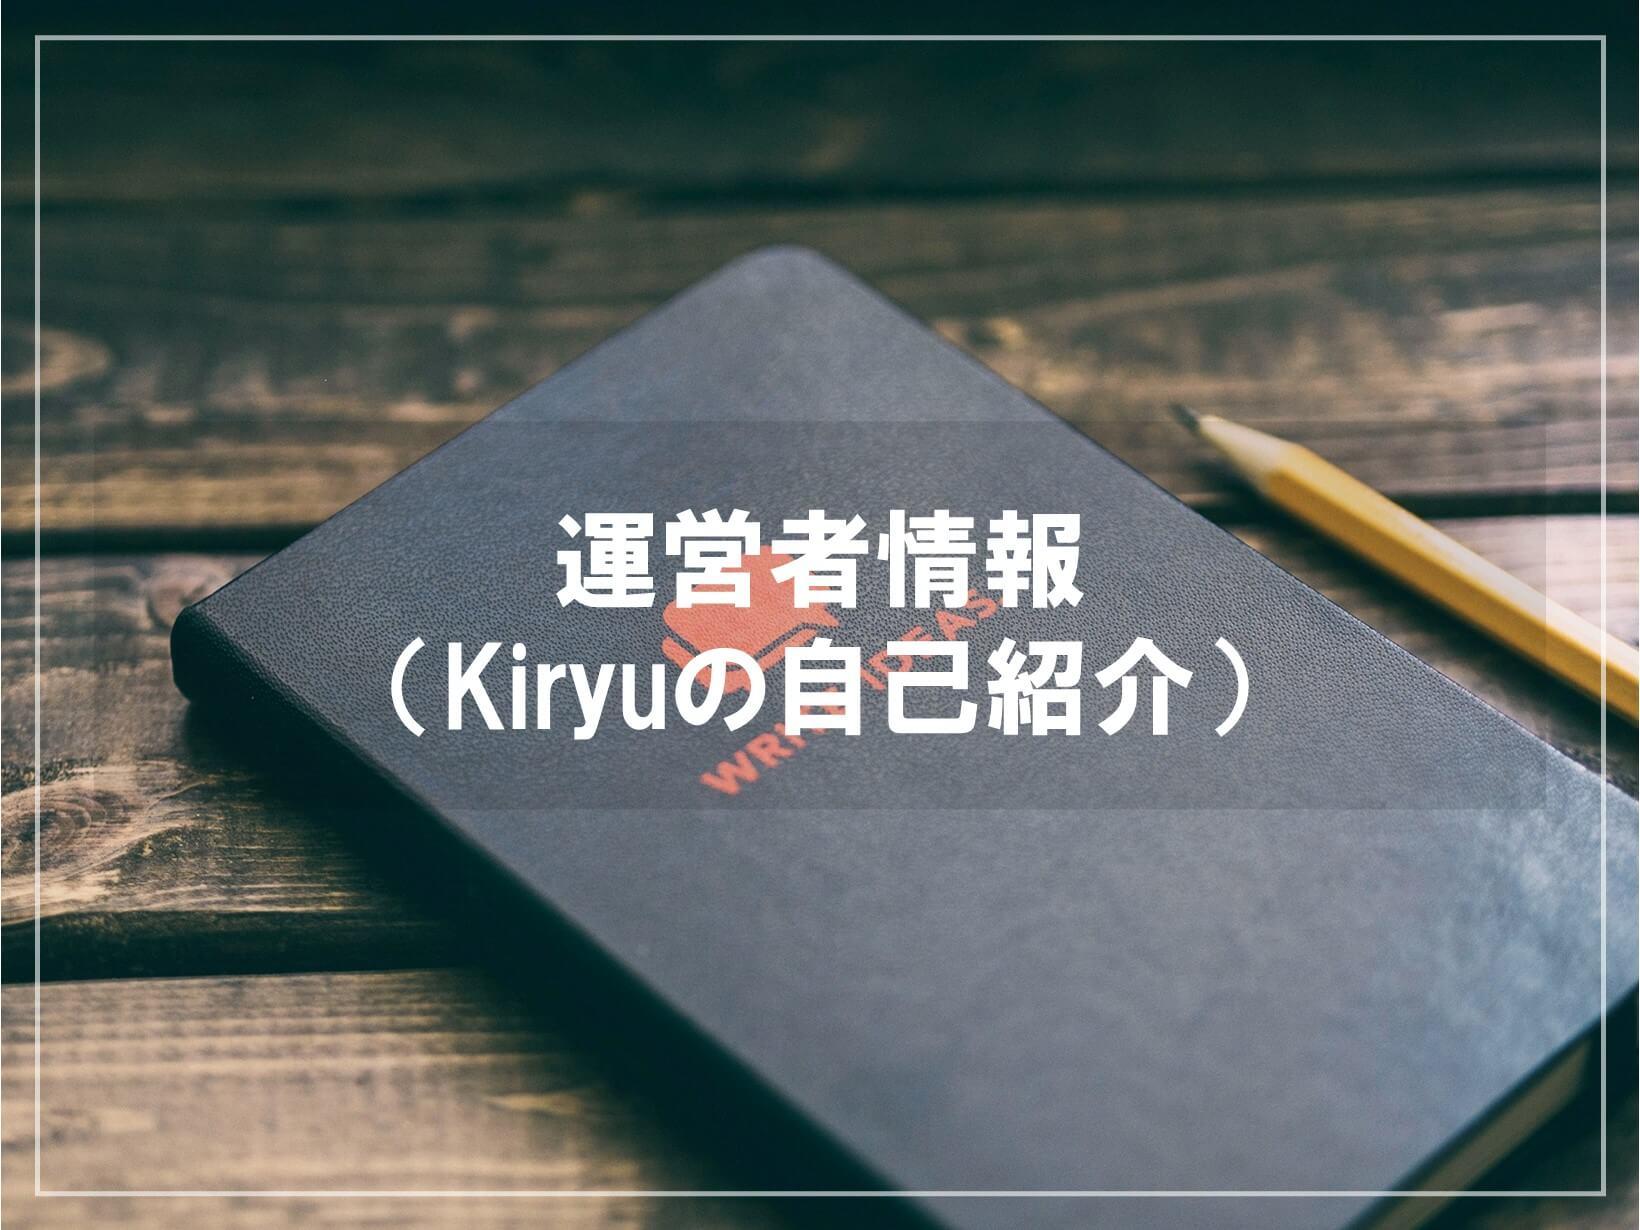 ブログ運営者Kiryuの自己紹介